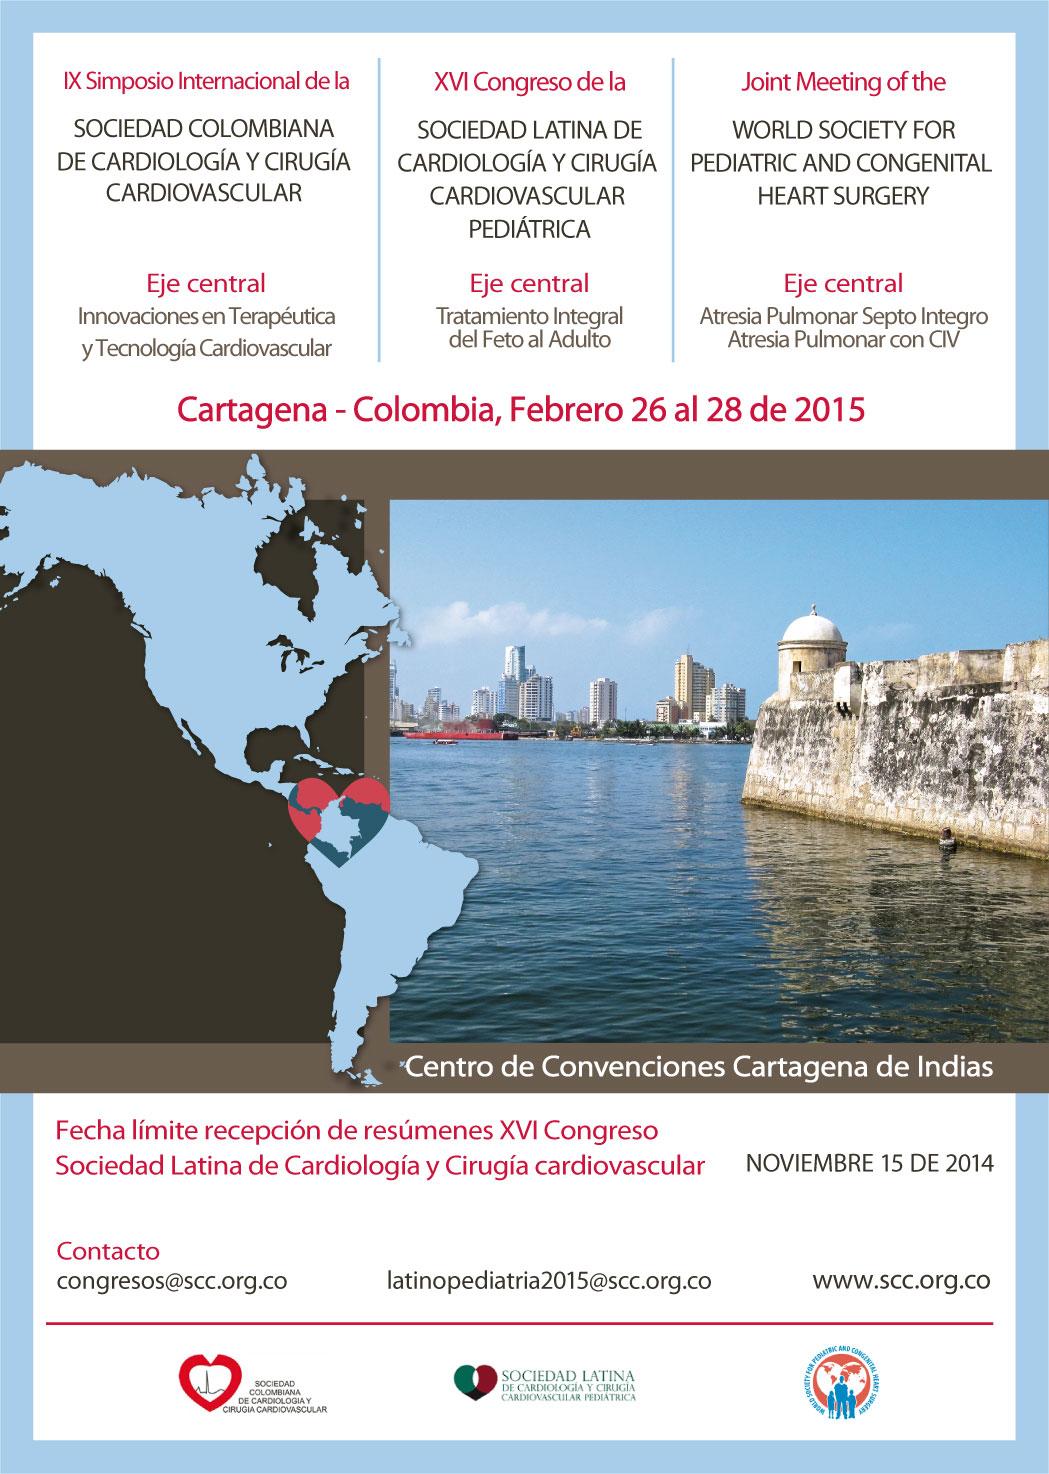 IX Simposio Internacional de la Sociedad Colombiana de Cardiología y Cirugía Cardiovascular  @ Cartagena - Colombia Febrero 26-27-28 de 2015